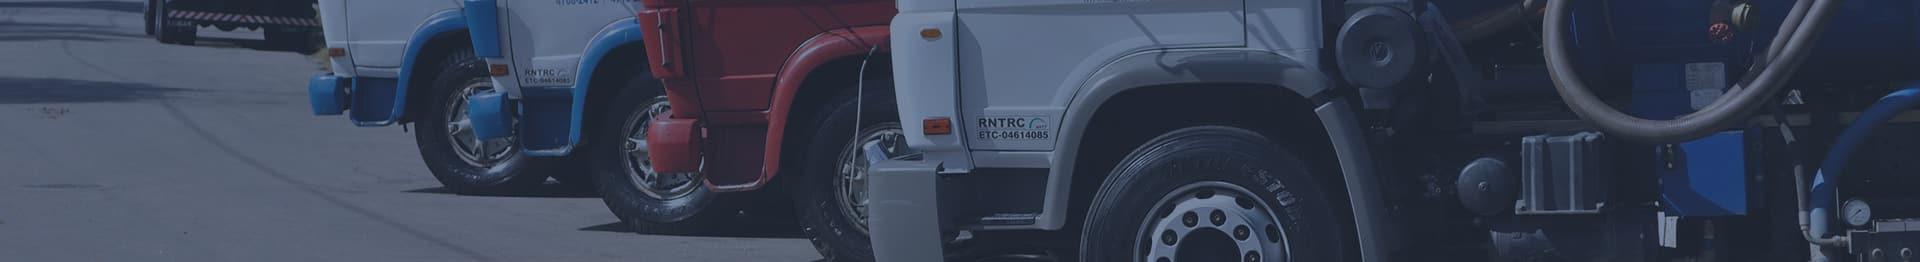 Transporte e Gerenciamento de Resíduos